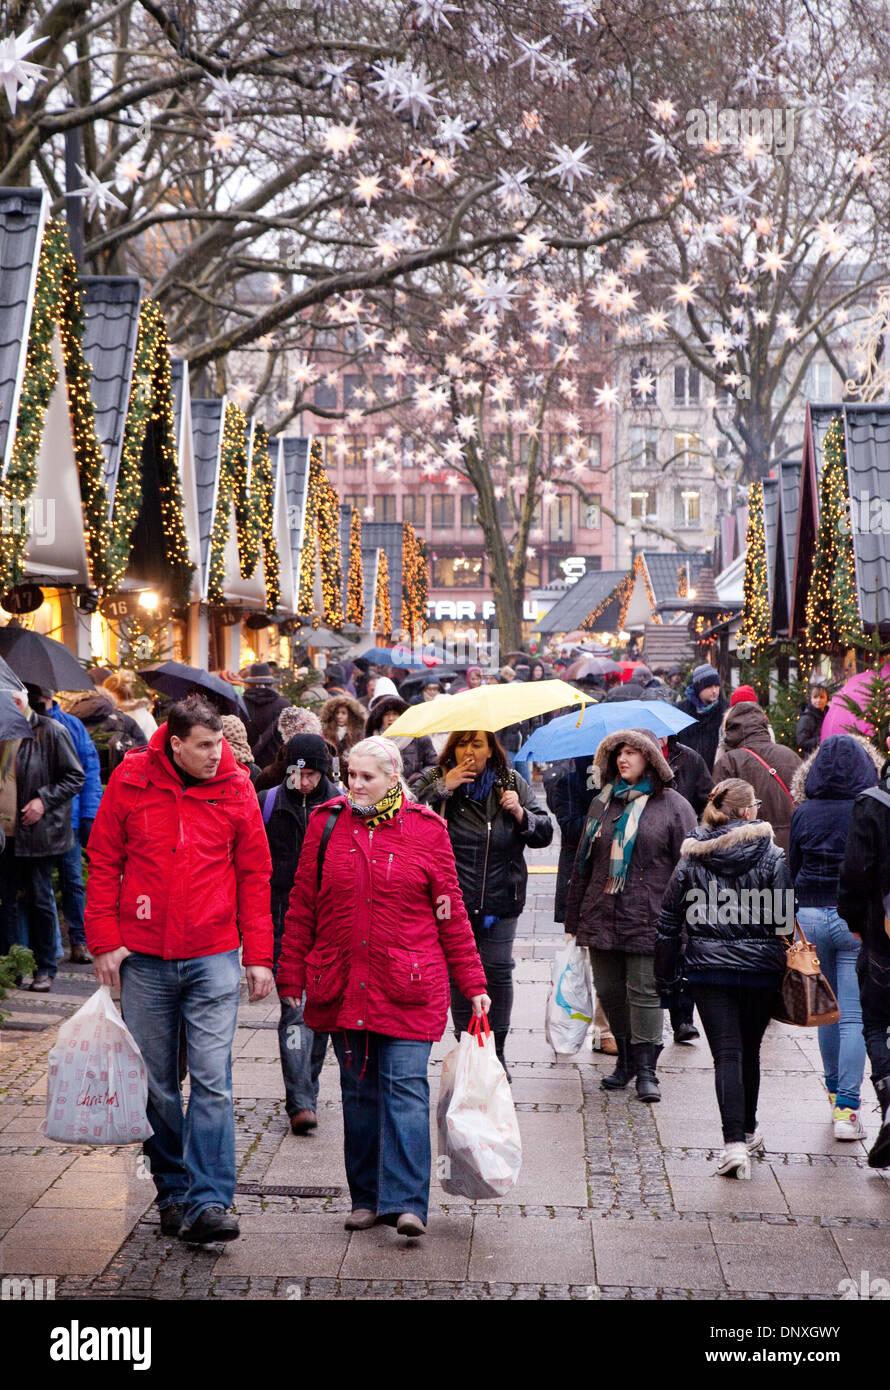 Christbaumkugeln Köln.Weihnachten Markt Köln Straßenszene In Der Engel Markt Statt Auf